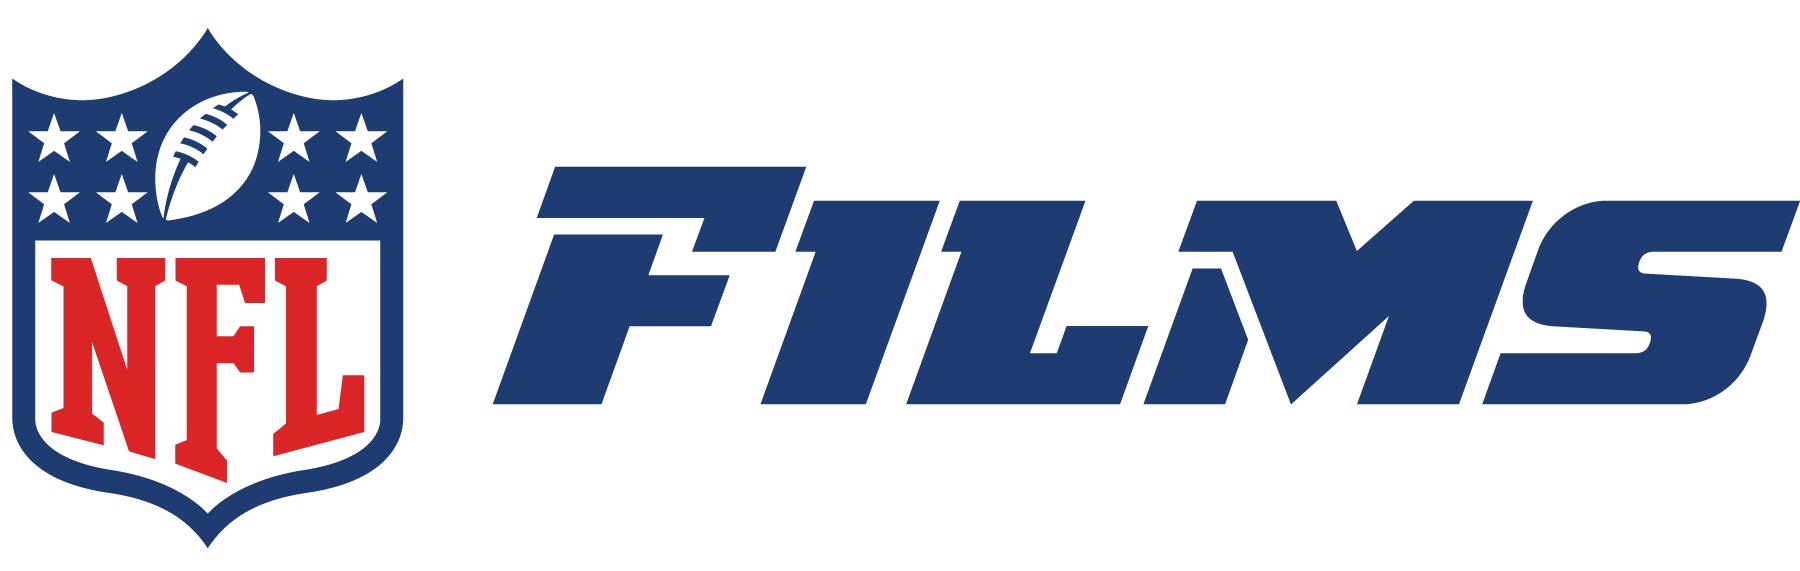 NFL-Films-New.jpg